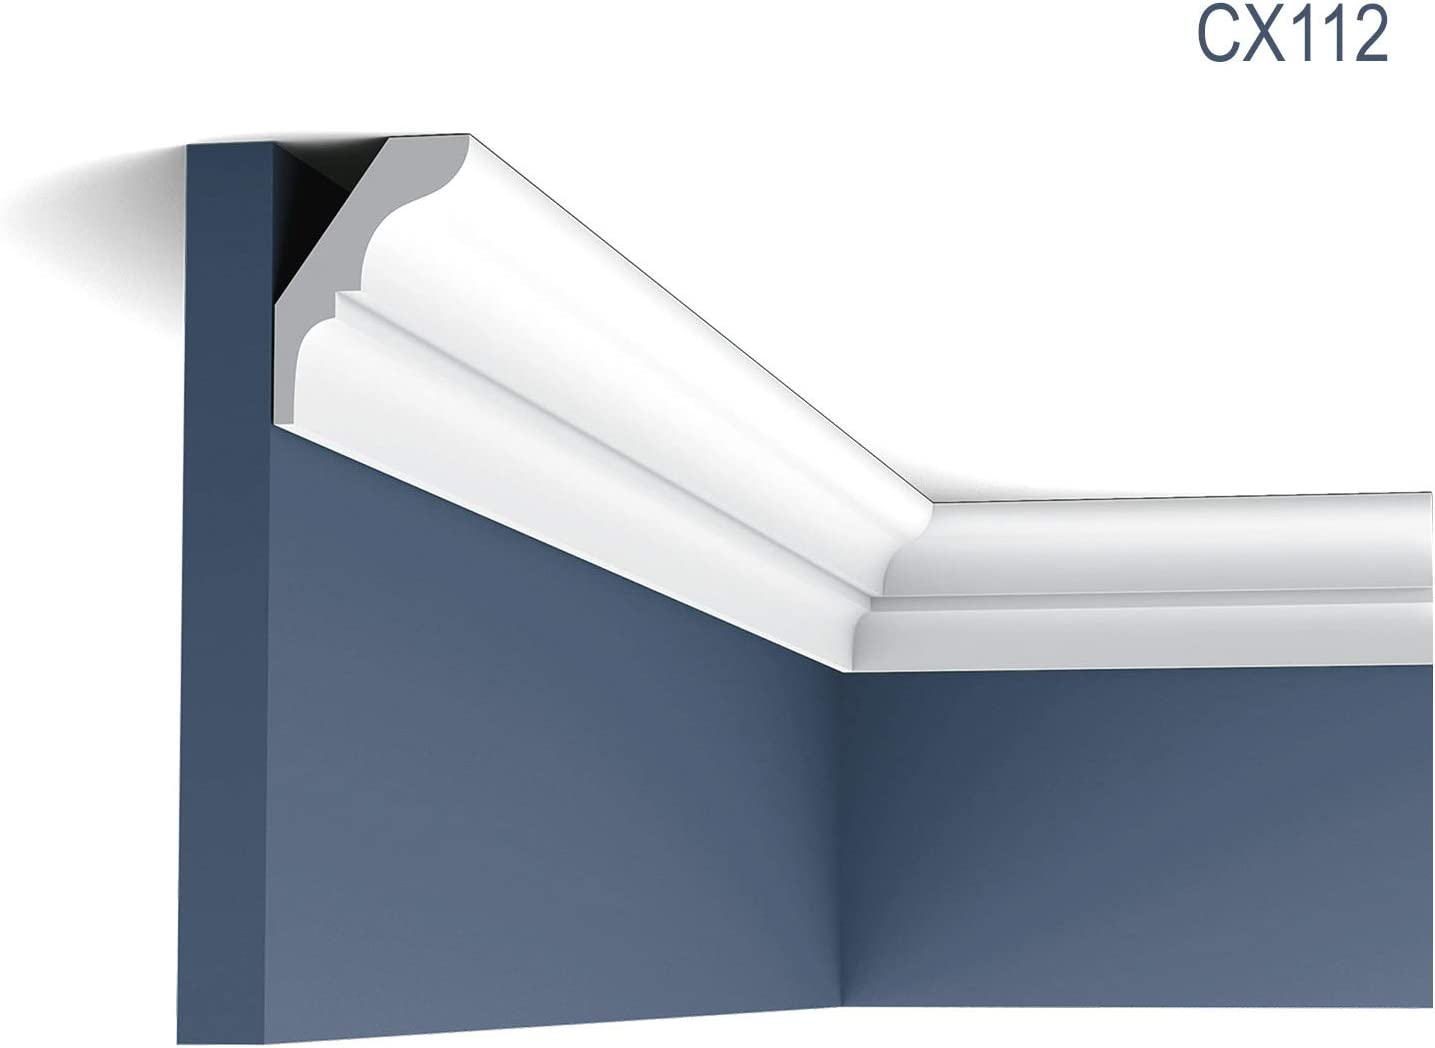 6 Width Zirconia 6 Width 60 Length VSM Abrasives Co. 60 Length Pack of 10 Blue Cloth Backing VSM 120047 Abrasive Belt Coarse Grade 50 Grit